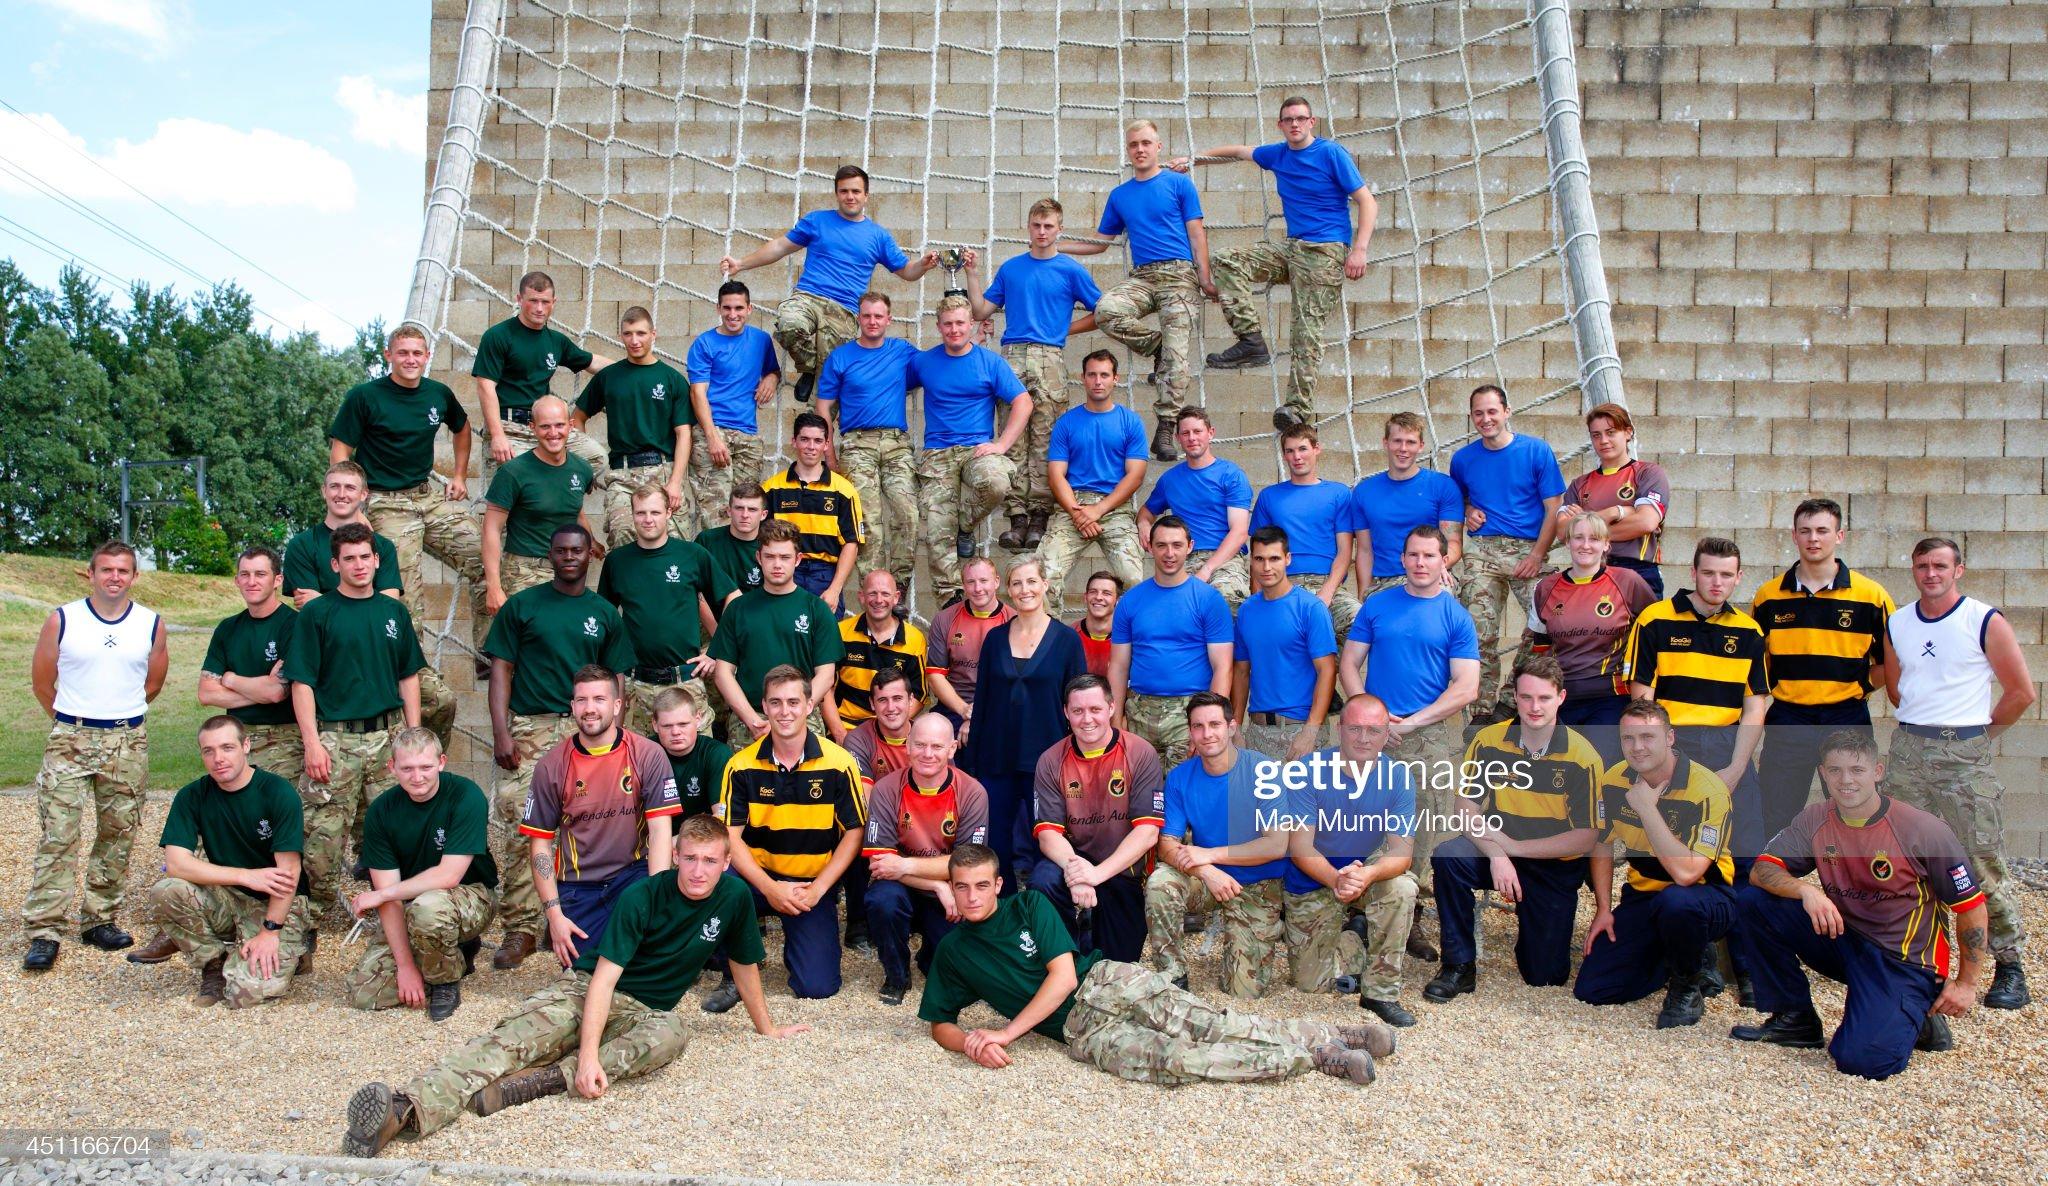 Софи, графиня Уэссекса, позирует для фотографии с командами из RAF Wittering и HMS Daring после соревнований на Кубок Уэссекса на HMS Collingwood 24 июня 2014 года в Фархэме, Англия.